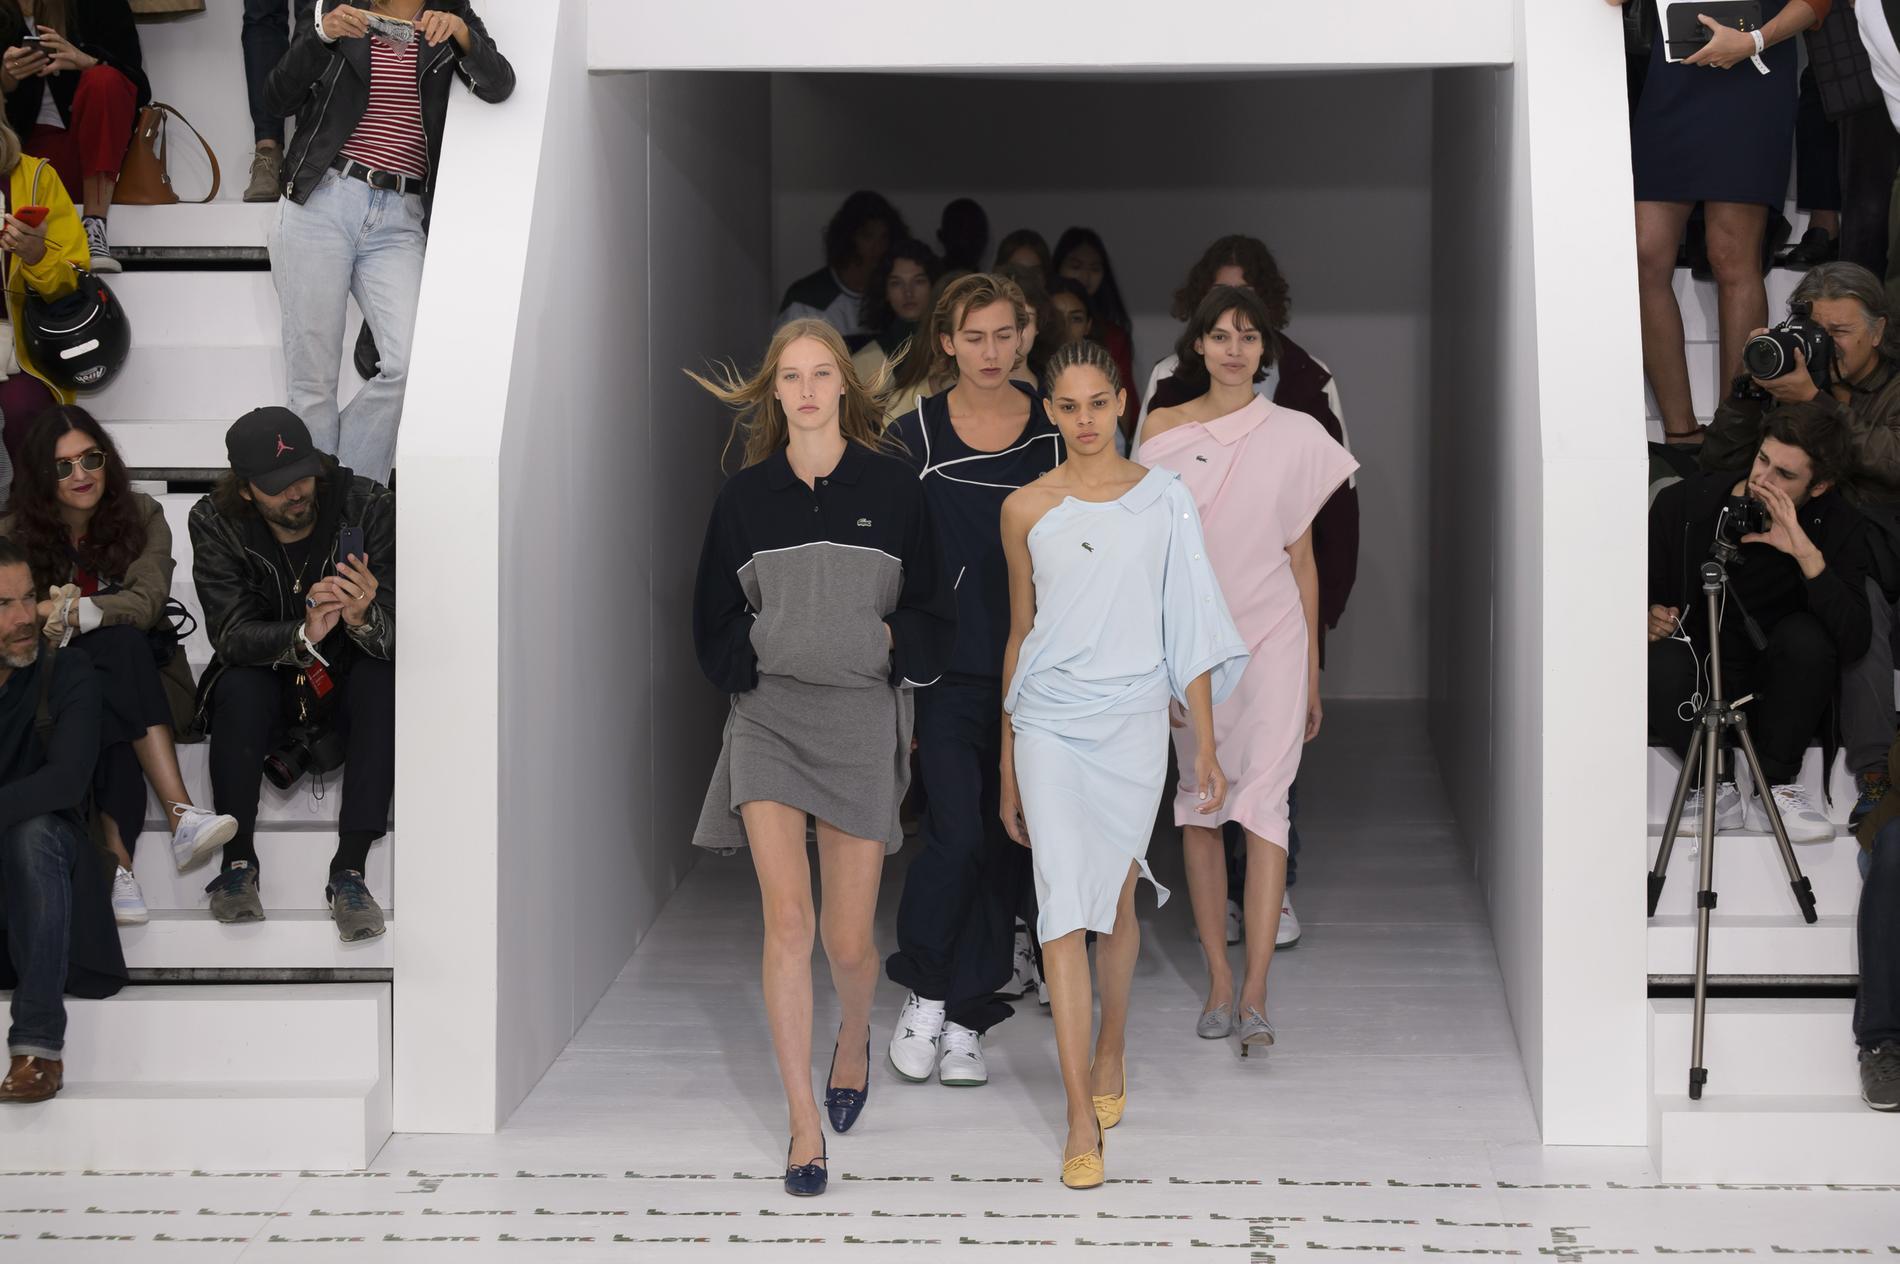 868c9385ac Défilé Lacoste printemps-été 2018, Paris - Look 54. Imaxtree. Facebook ·  Twitter · Pinterest · Linkedin · Viadeo · Whatsapp. Fashion Week. - À l'occasion  de ...